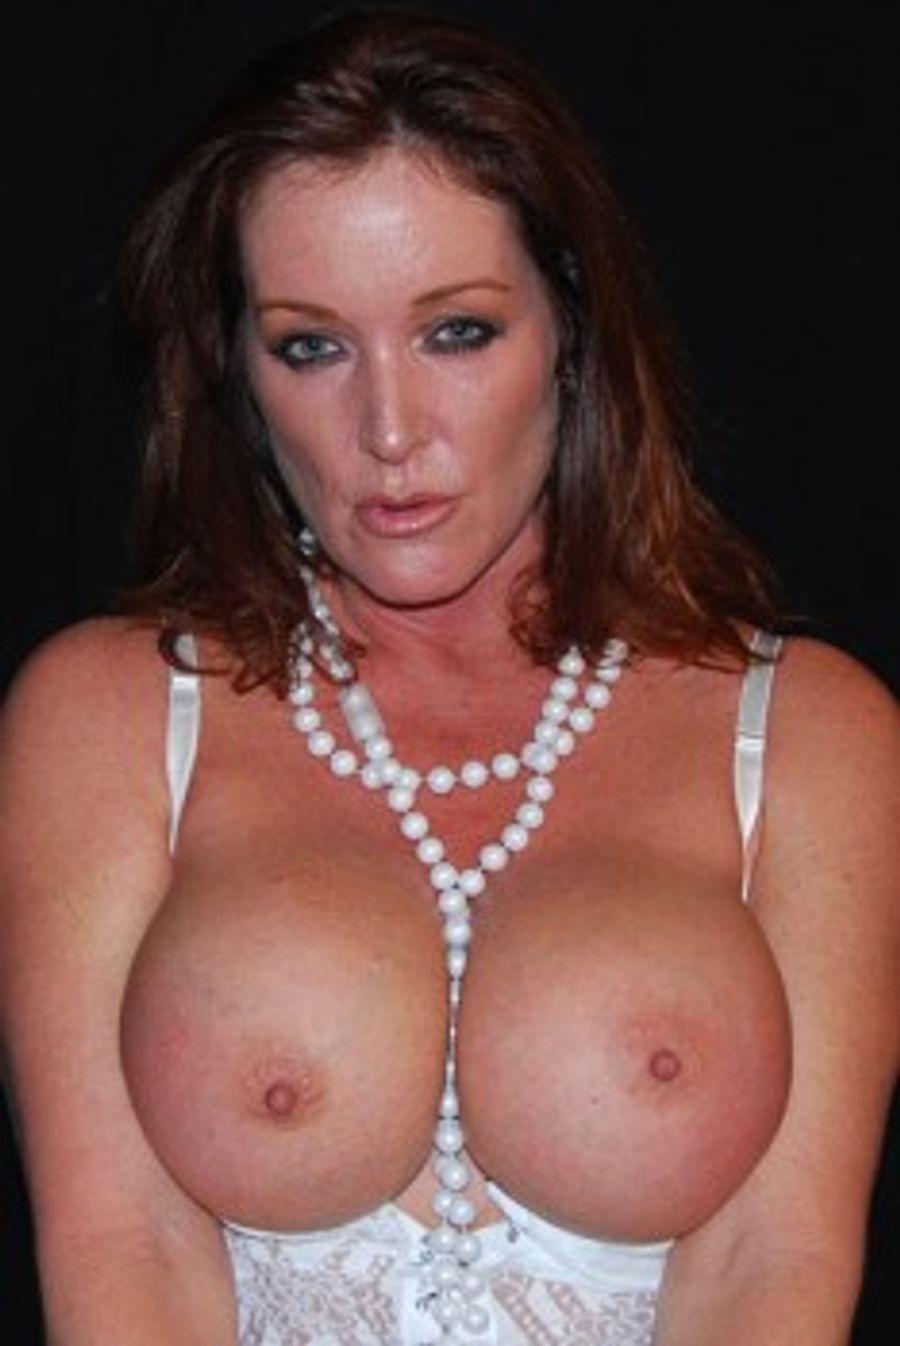 Rachel Steele Lingerie